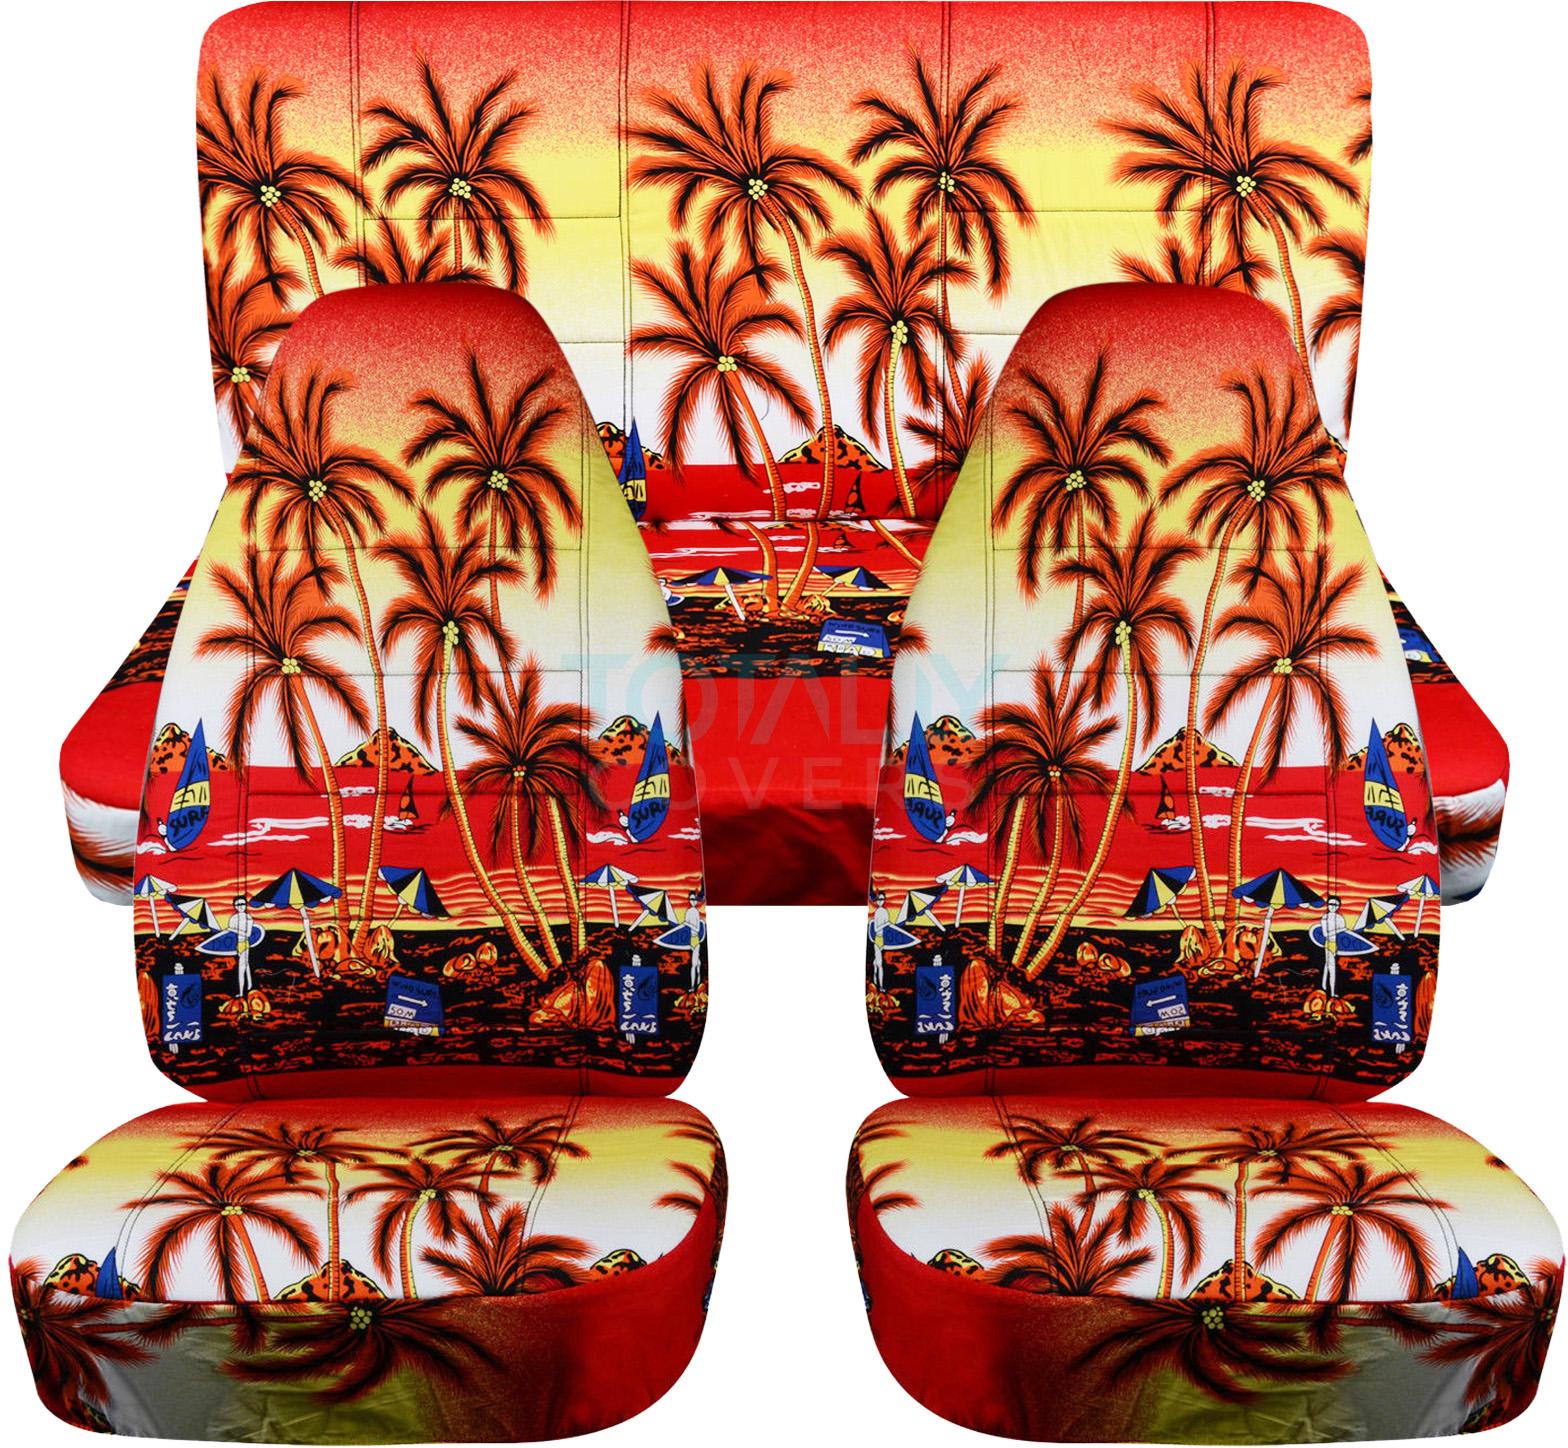 Hawaiian Car Seat Covers >> Hawaiian Print Car Seat Covers (Full Set, Semi-custom) Blue/Red/Yellow Palm/Flwr | eBay